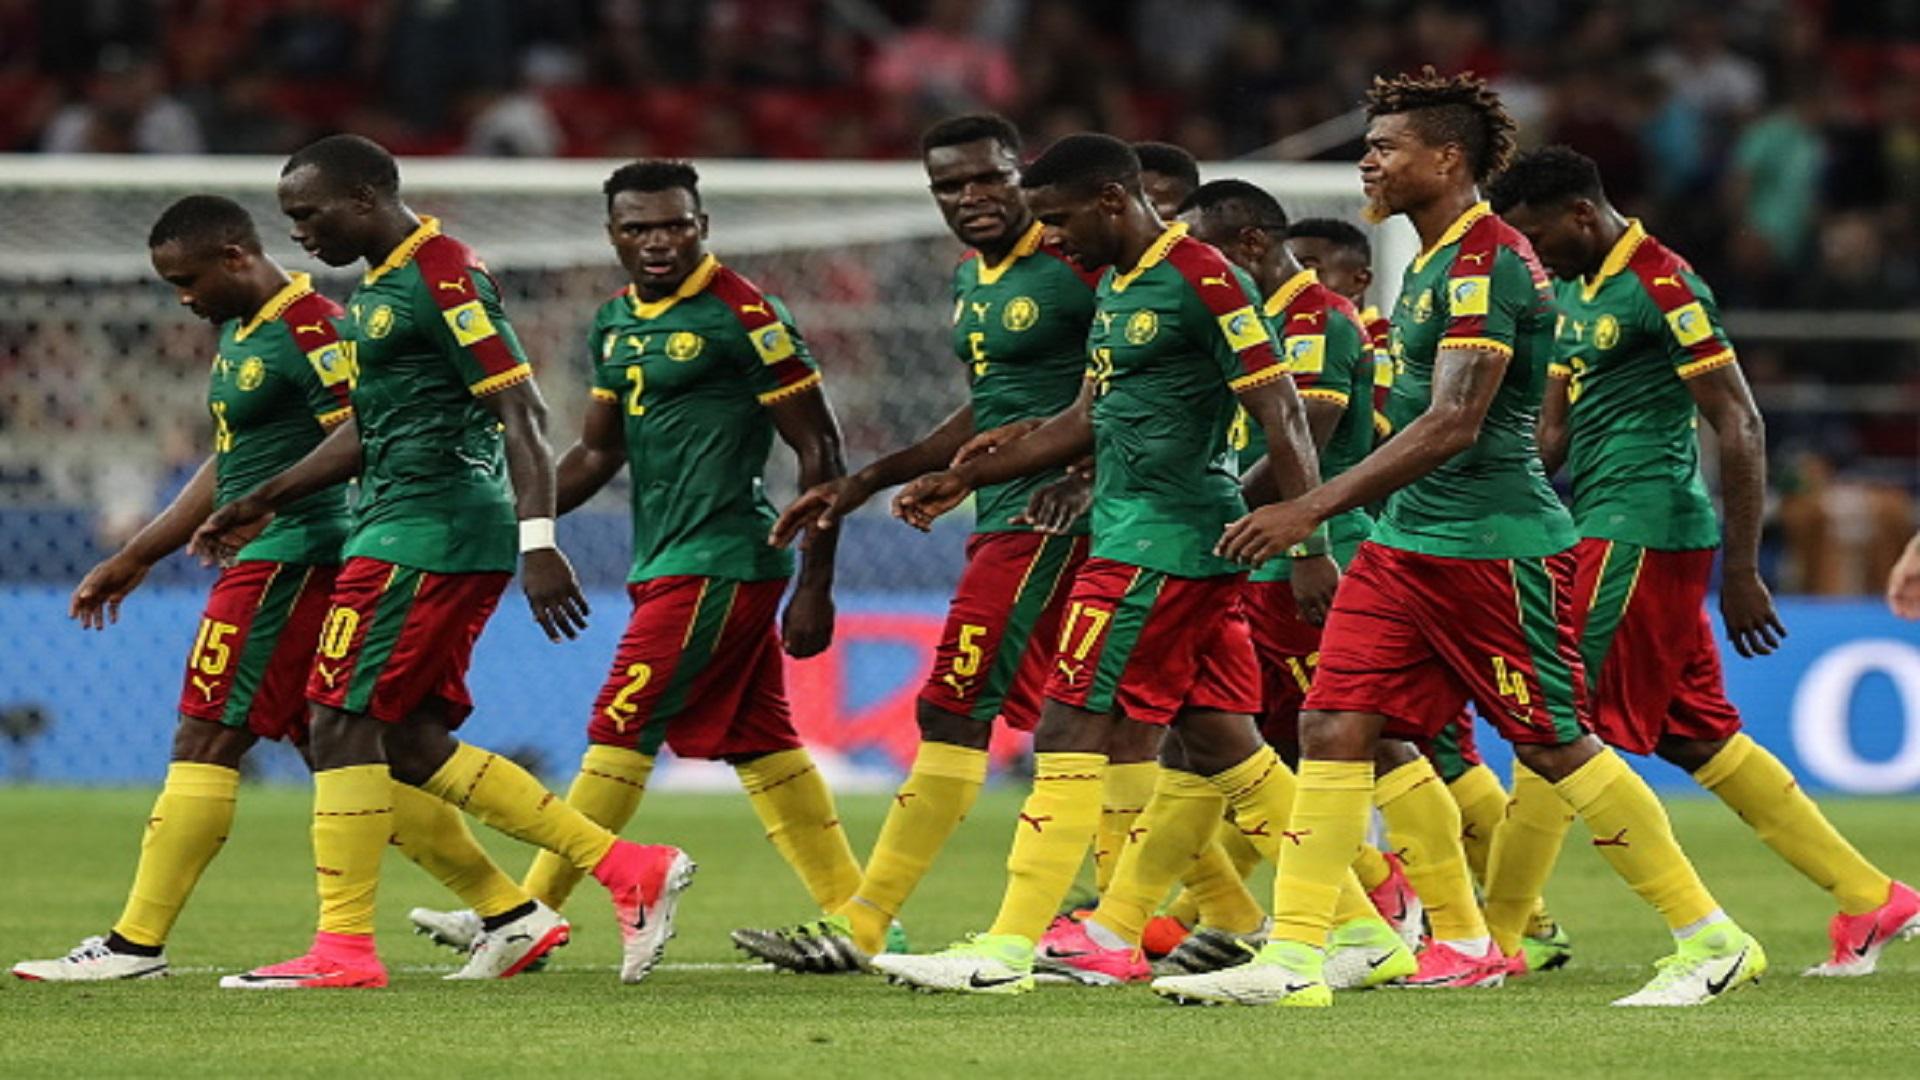 Top Cameroon World Cup 2018 - cameroon-confederations-cup-russia-2017_p7ju3755a49p1e2wzq0z9lvvv  Graphic_655033 .jpg?t\u003d-936637956